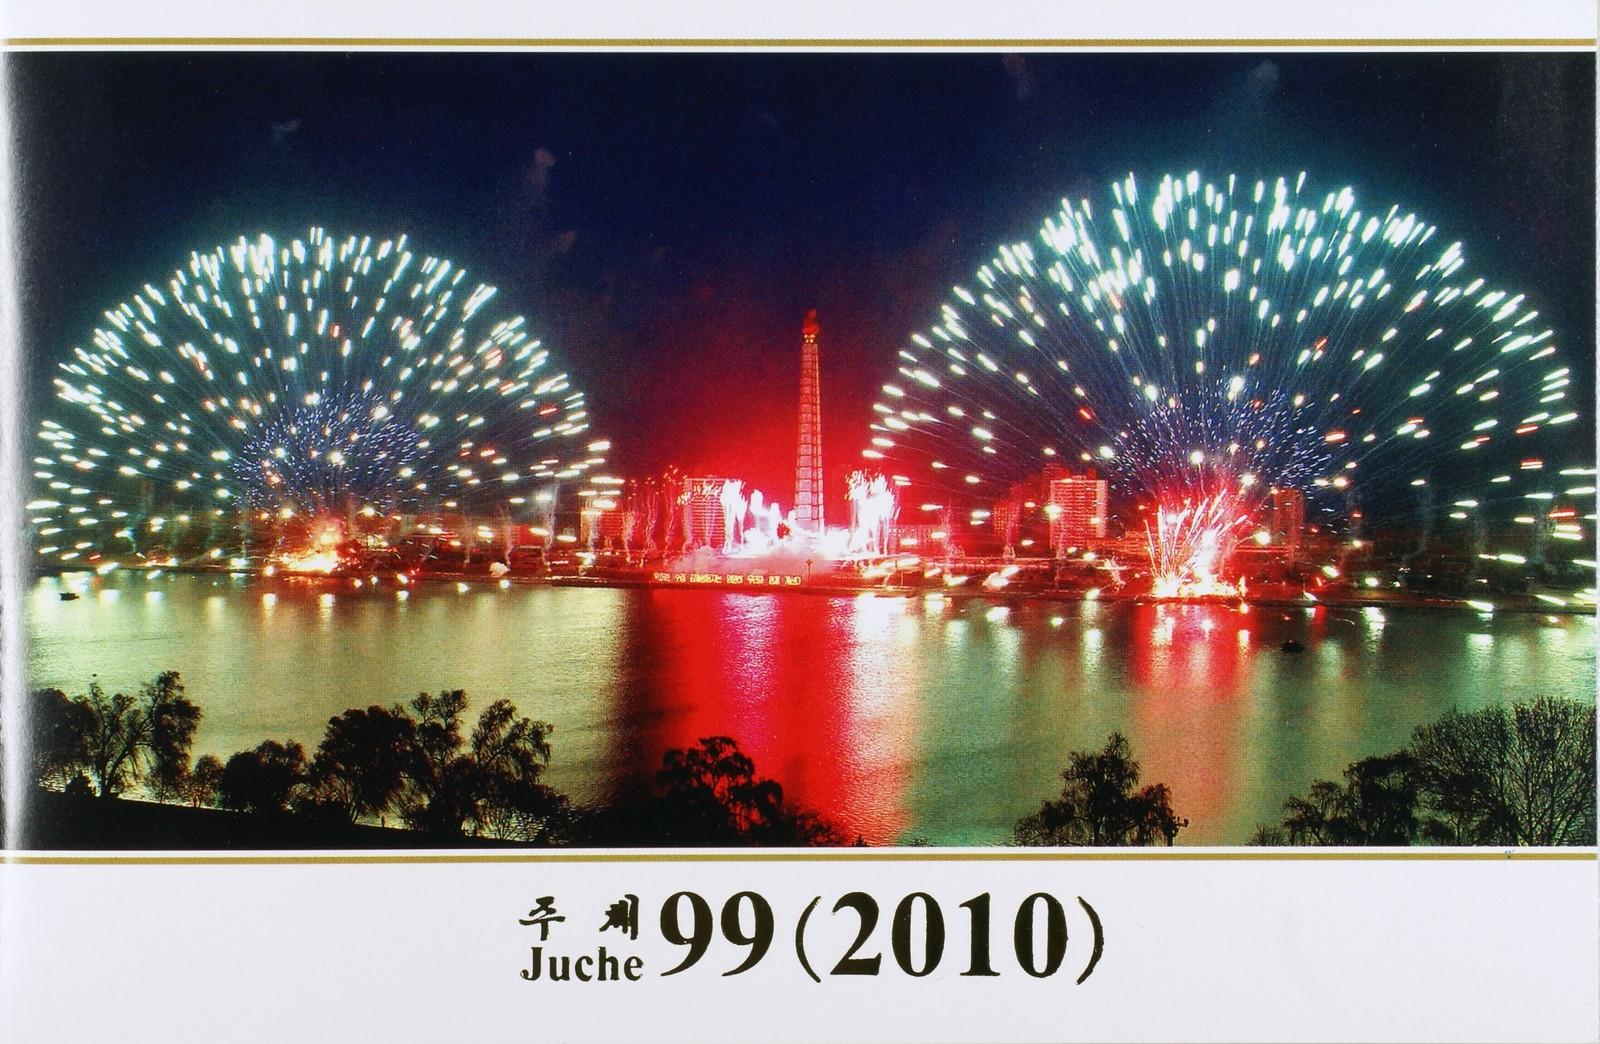 Happy New Year Juche 99 (2010)